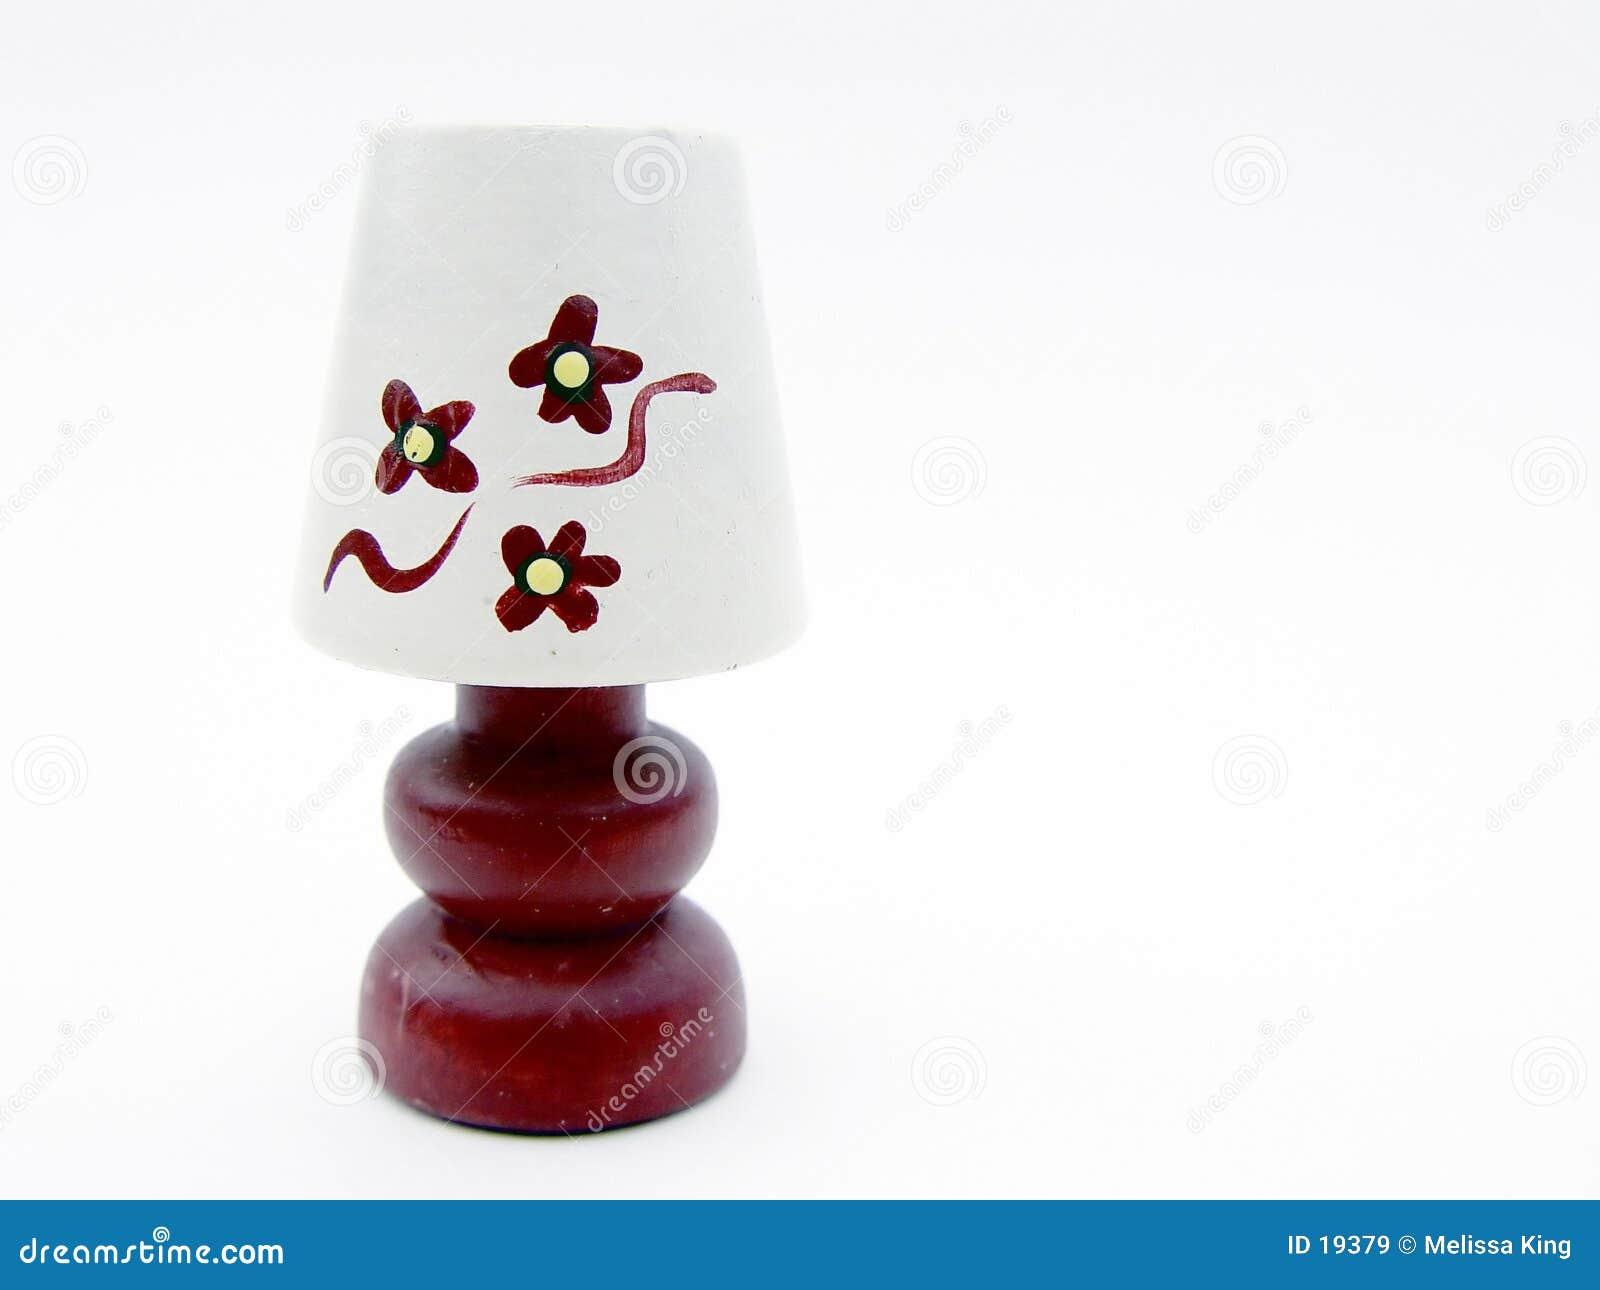 Getrennte Miniutre Lampe